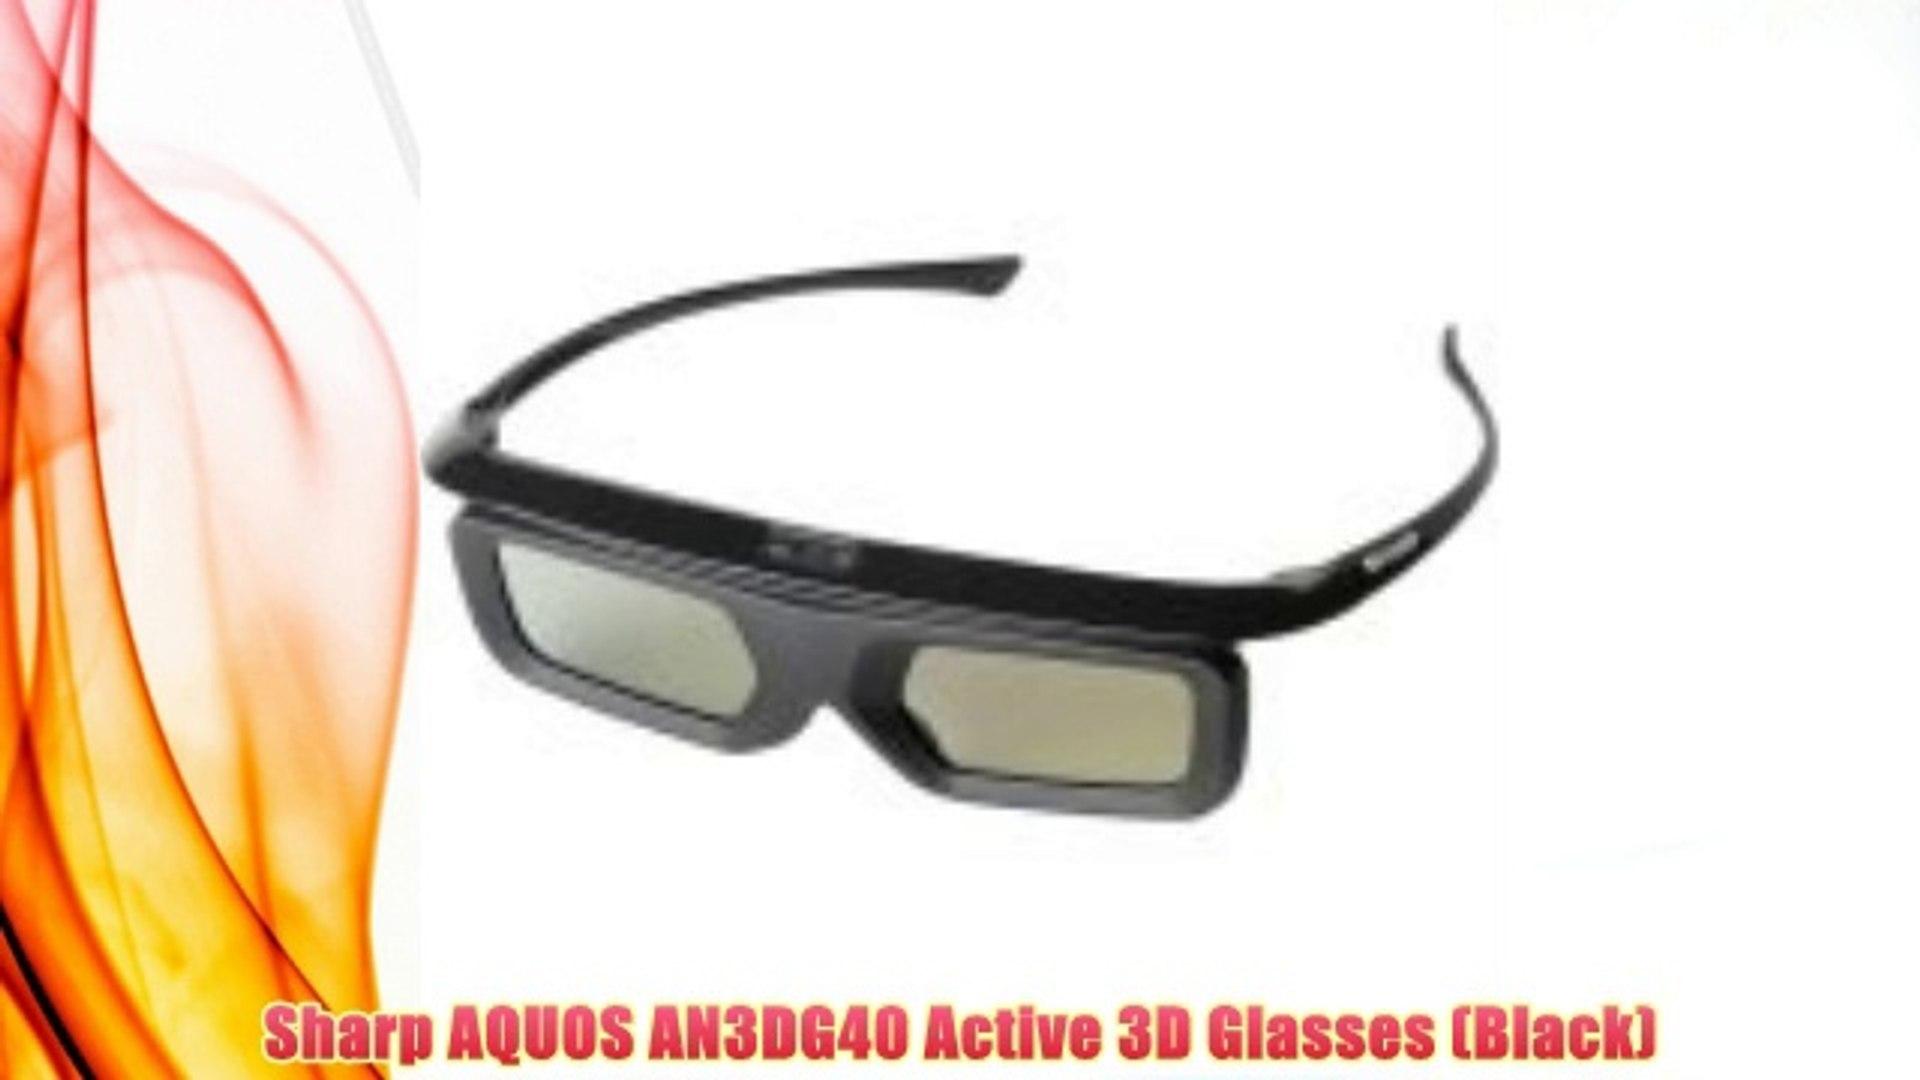 Best buy Sharp AQUOS AN3DG40 Active 3D Glasses (Black